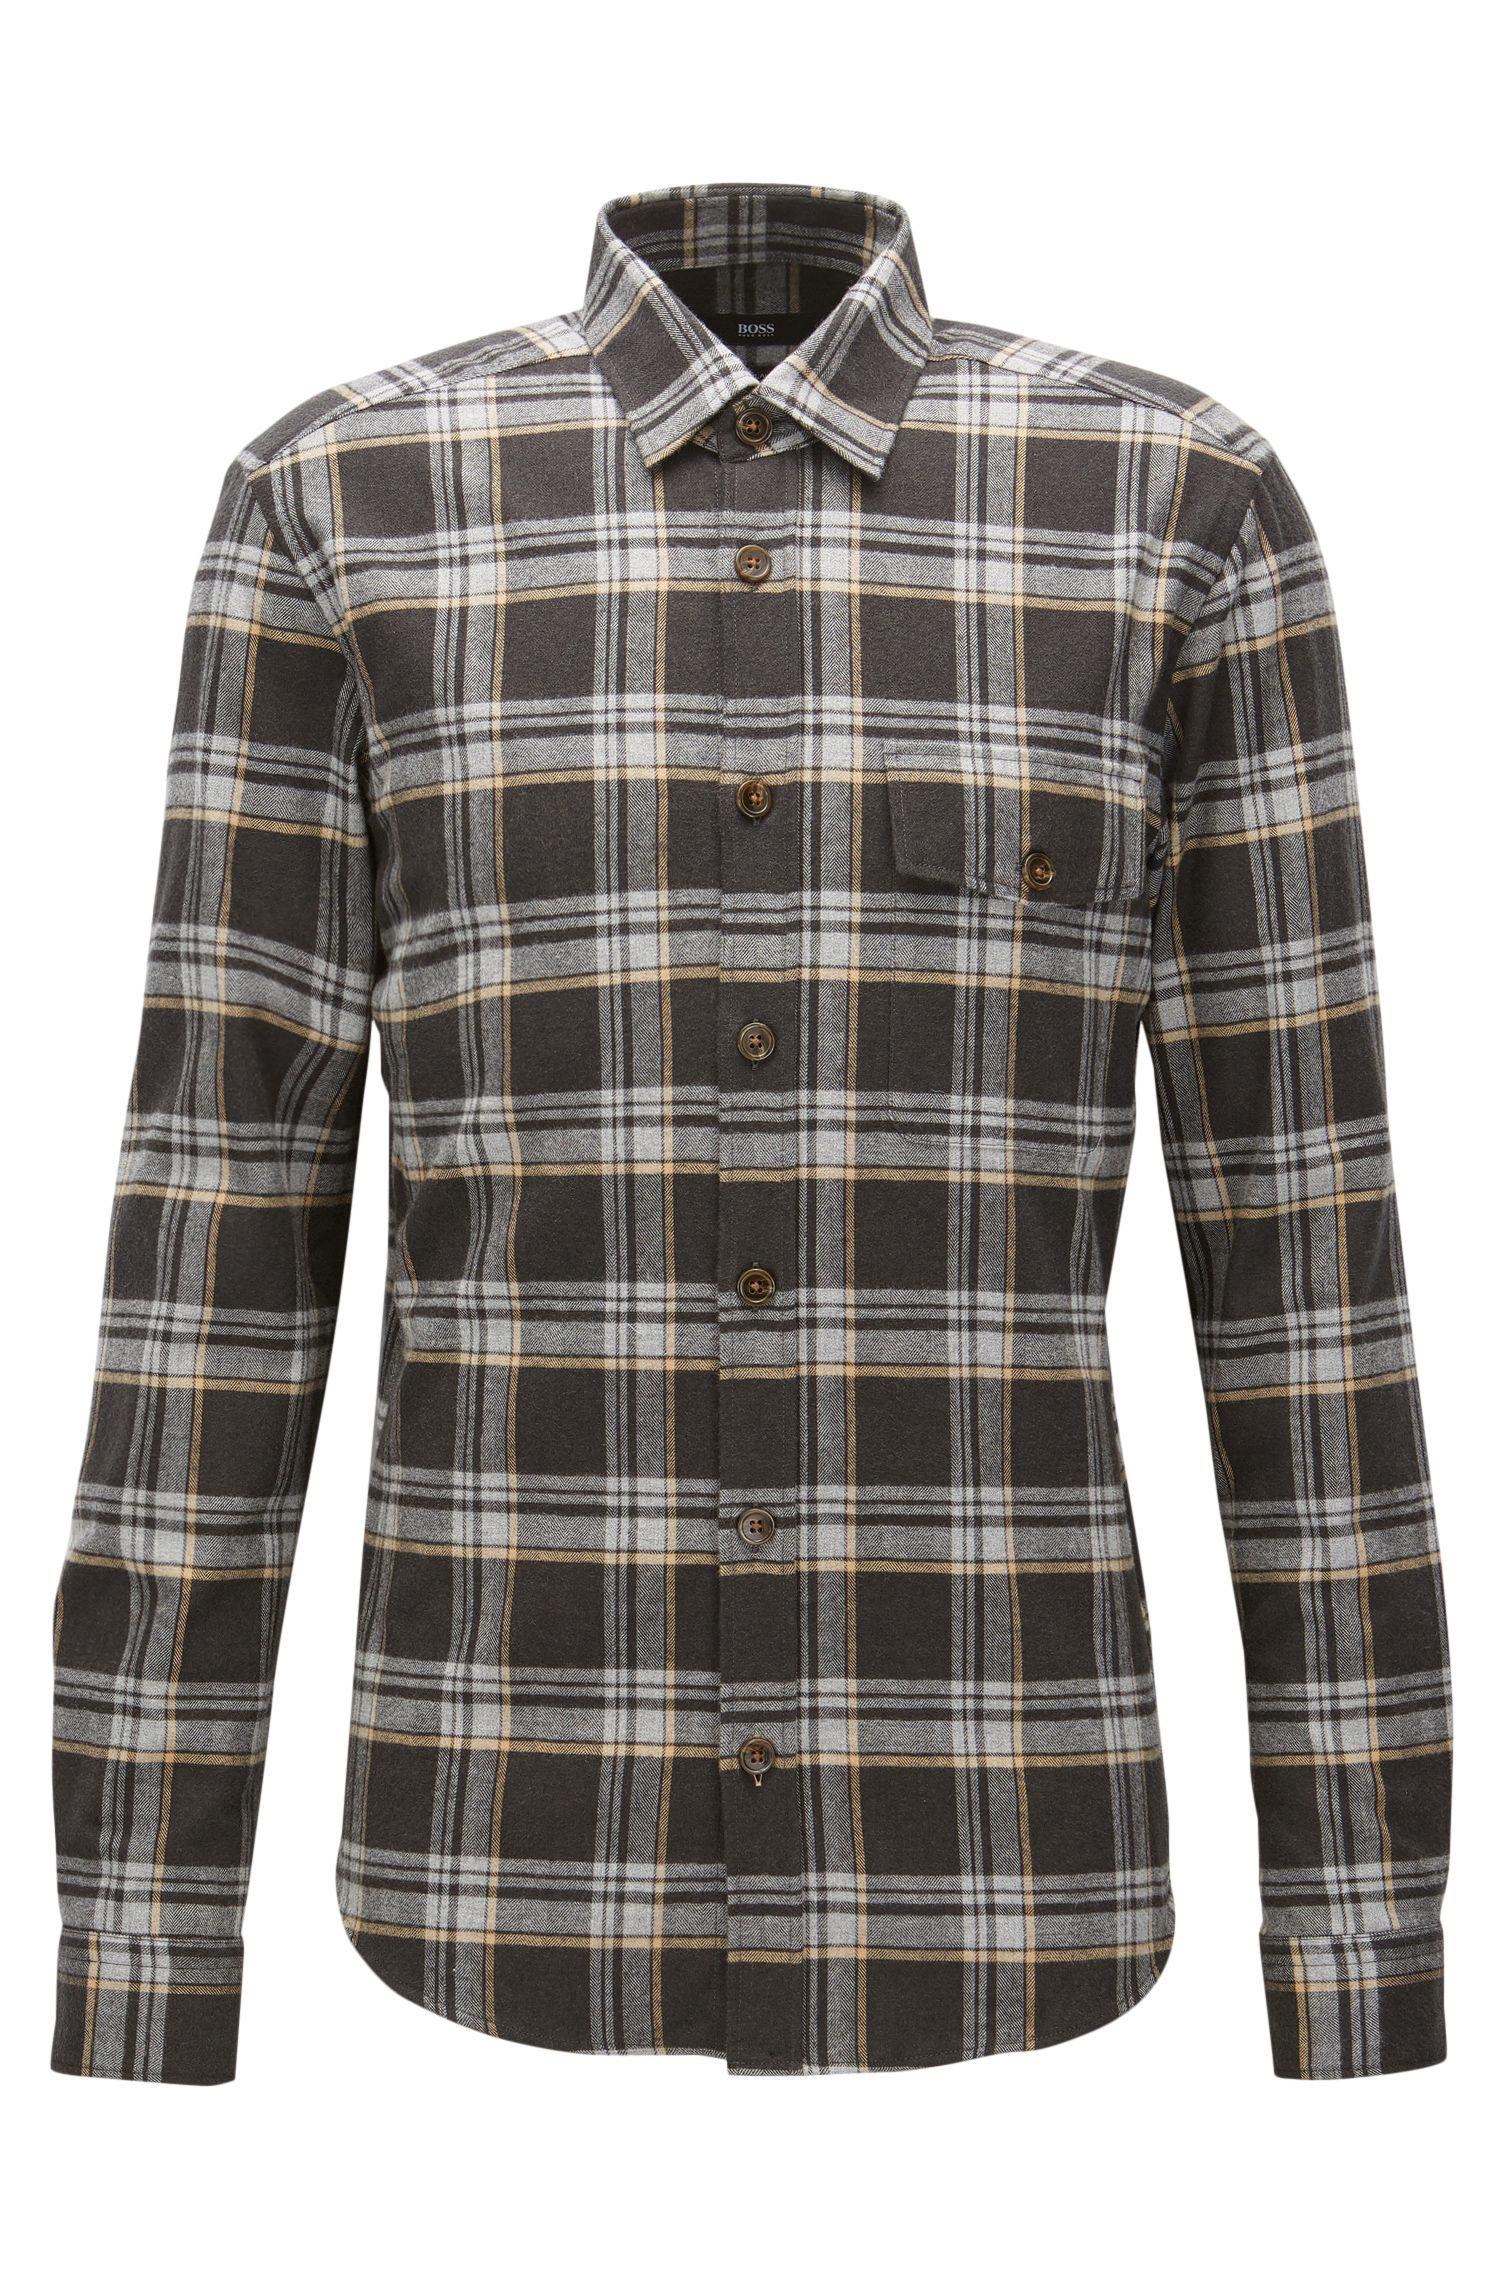 'Lalo' | Regular Fit, Plaid Cotton Button Down Shirt